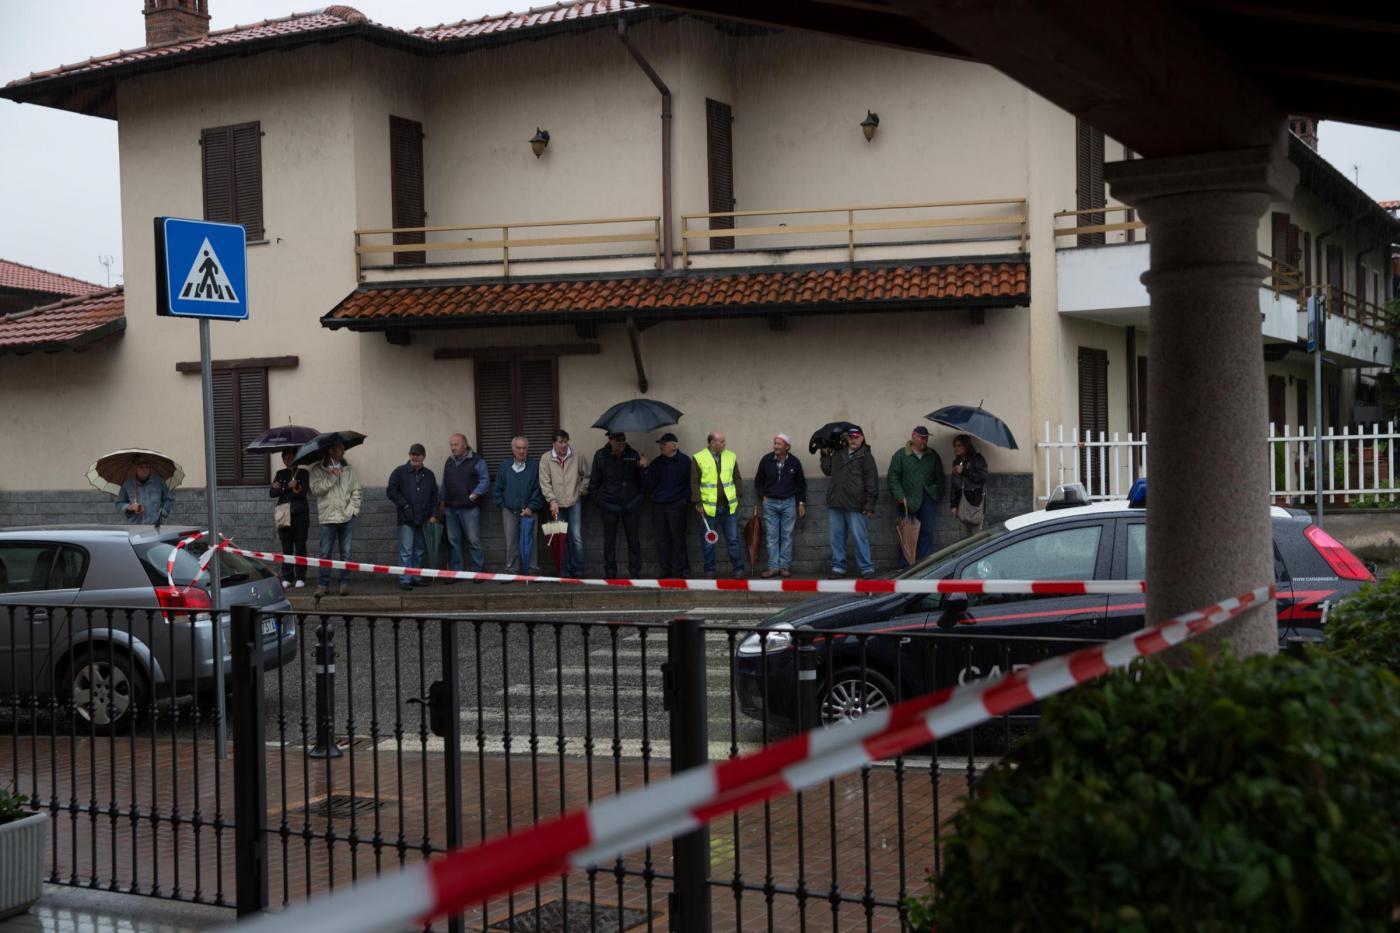 Soffoca la moglie col cuscino e la uccide, poi chiama i carabinieri. Altro dramma in famiglia nel modenese